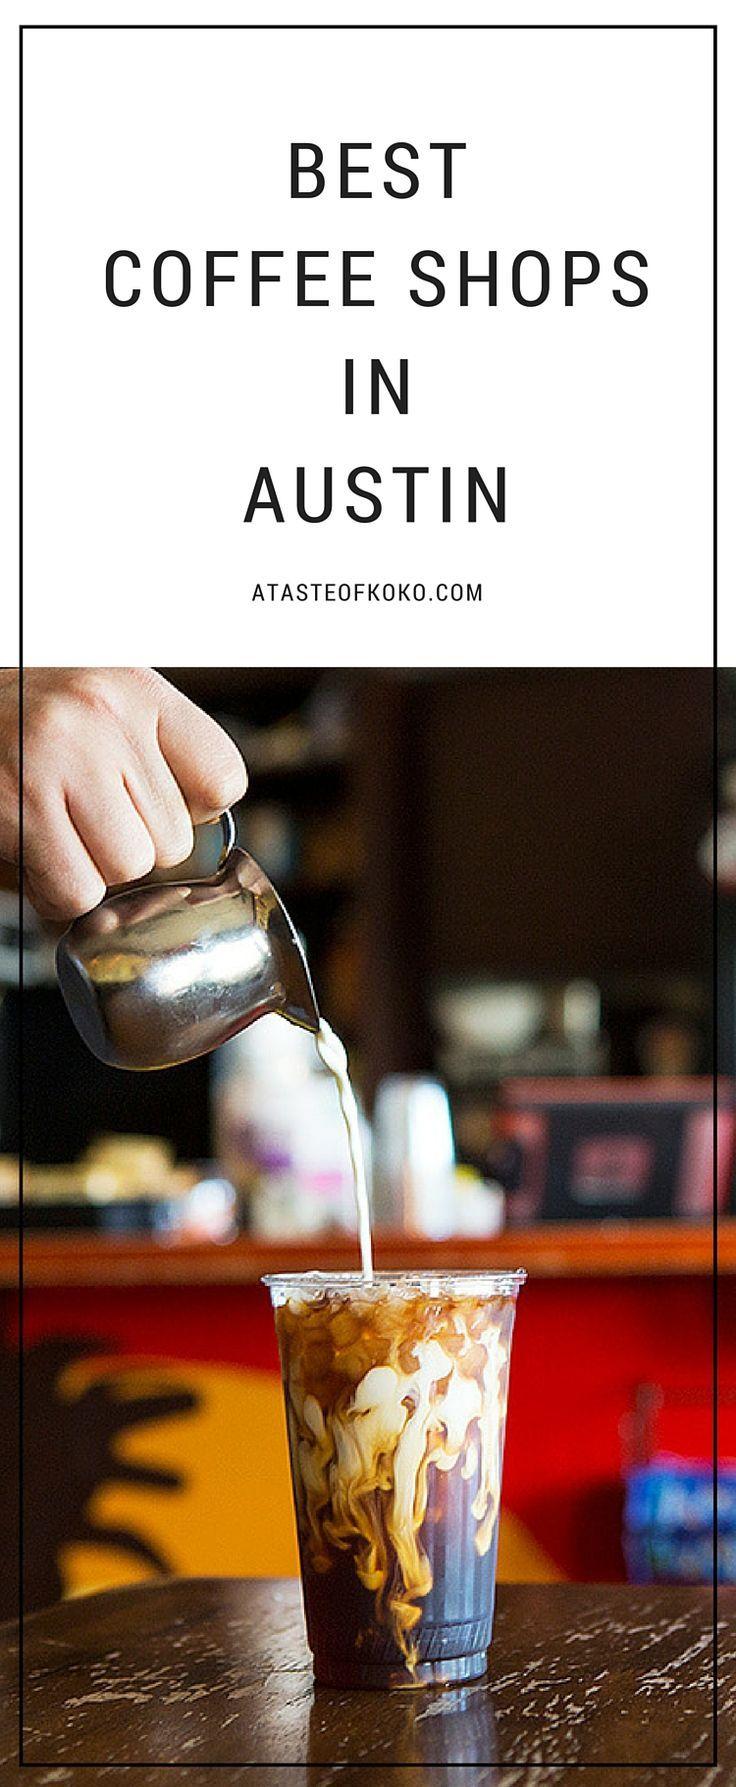 Best Coffee Shops In Austin   A Taste of Koko